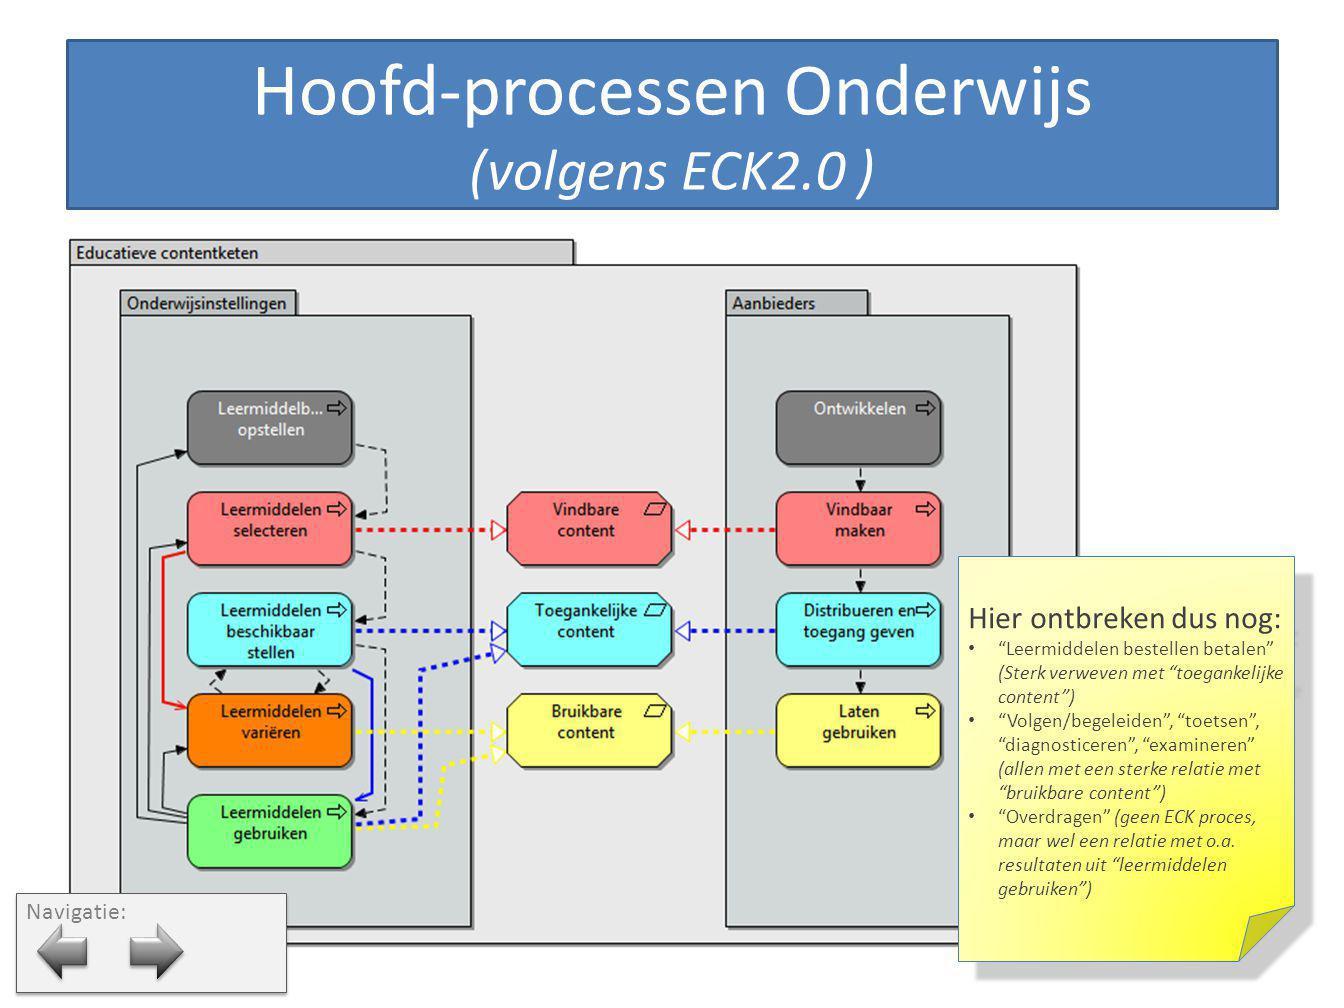 Hoofd-processen Onderwijs (volgens ECK2.0 )